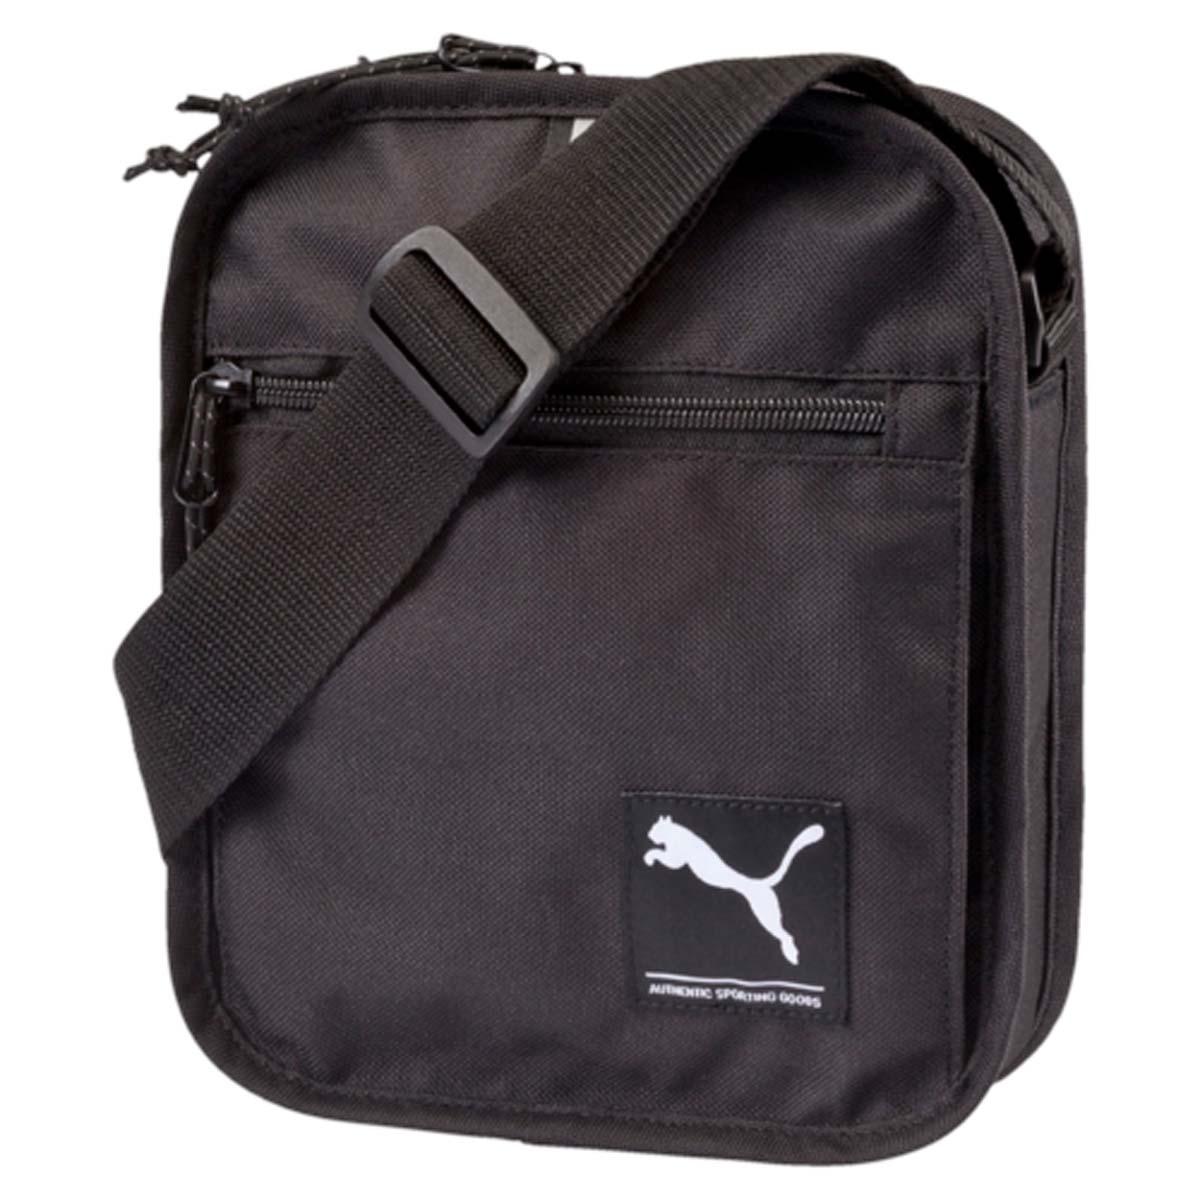 Сумка городская Puma Academy Portable, цвет: черный. 072991013-47670-00504Стильная сумка Puma Academy Portable, созданная из практичного полиэстера с изнанкой из полиуретана - это удобная сумка для всех необходимых вещей. Сумка оснащена двусторонней застежкой главного отделения, карманом для мелочей спереди, а также регулируемой по длине лямкой для ношения через плечо. С этой сумкой вы будете заметны в темное время суток, так как по периметру сумка отделана светоотражающей тесьмой, а также отражающие волокна добавлены в шнур застежки. Застежки-молнии оснащены брендированными язычками.